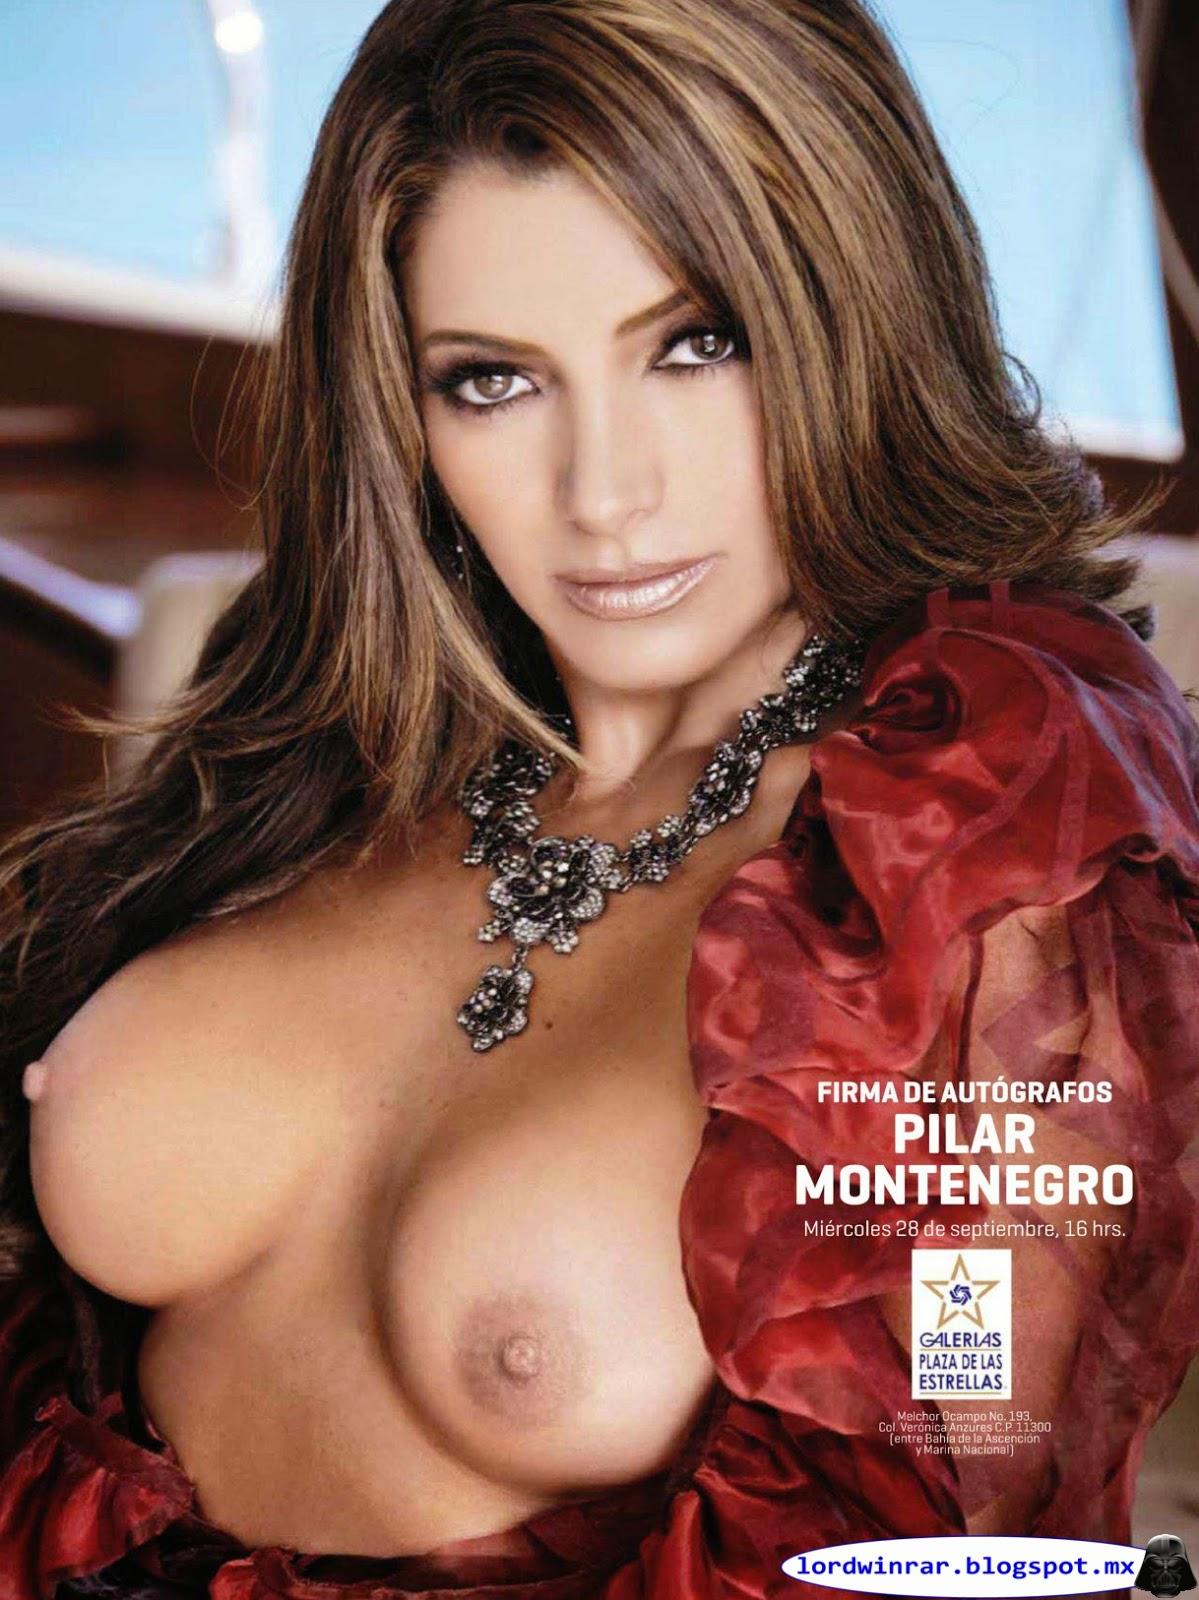 Pilar montenegro porno